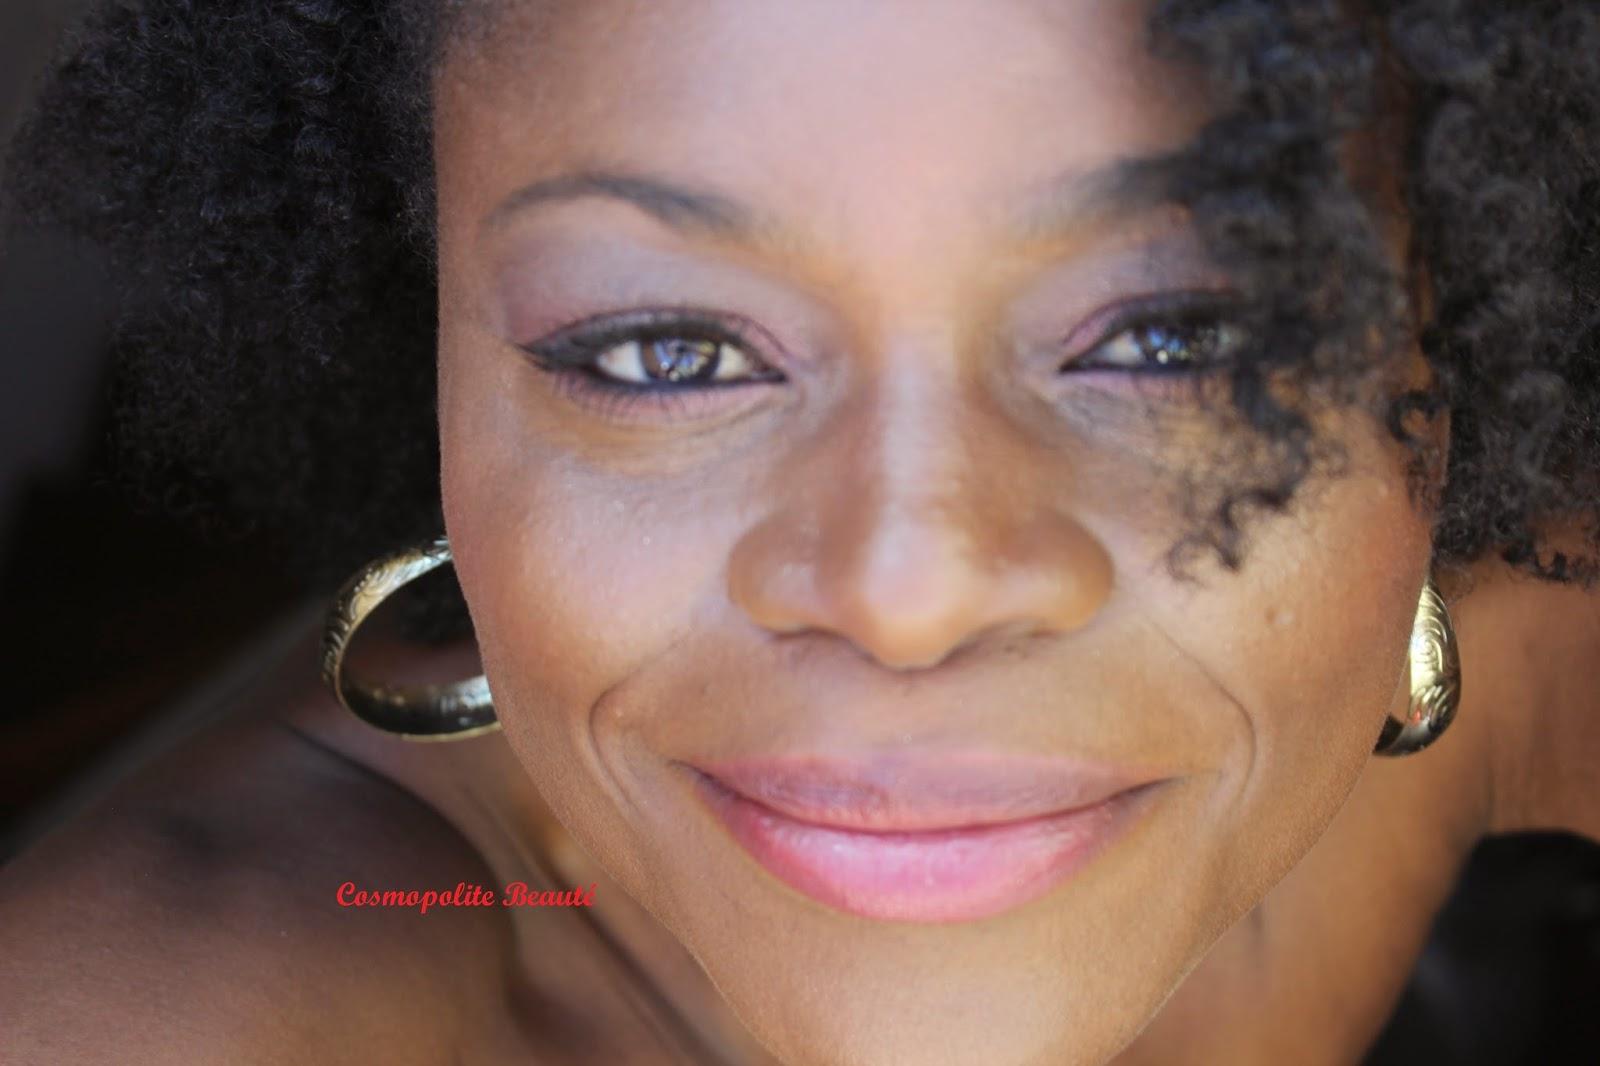 femme noire, black beauty, nappy, naturalista, make up, maquillage, chaussures, bala bosté, louis vuitton, revlon, ysl, urban decay, gemey, UNE, l'oréal, sleek